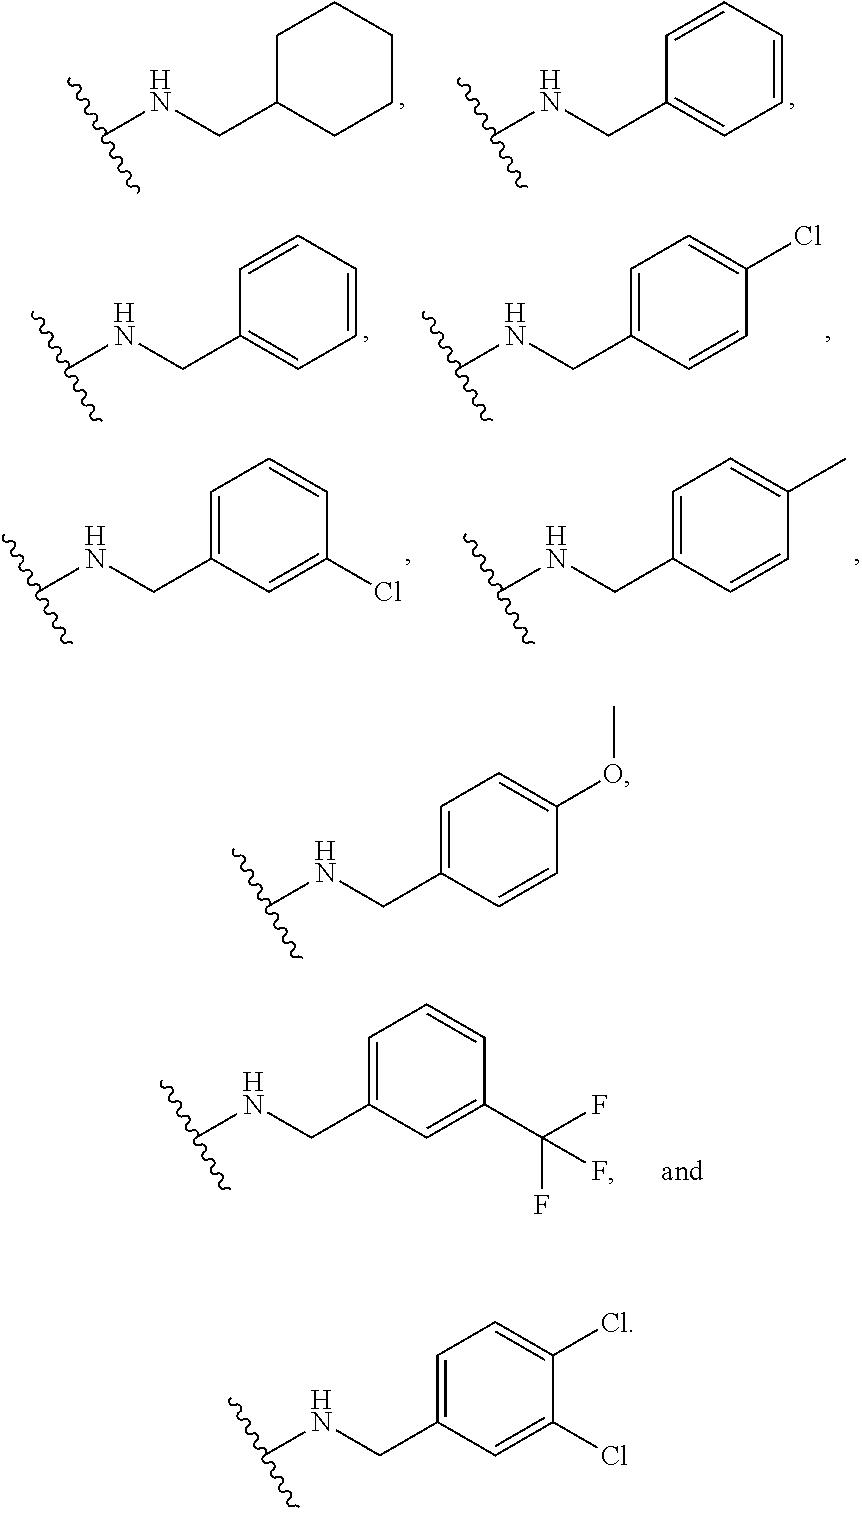 Figure US09861596-20180109-C00010